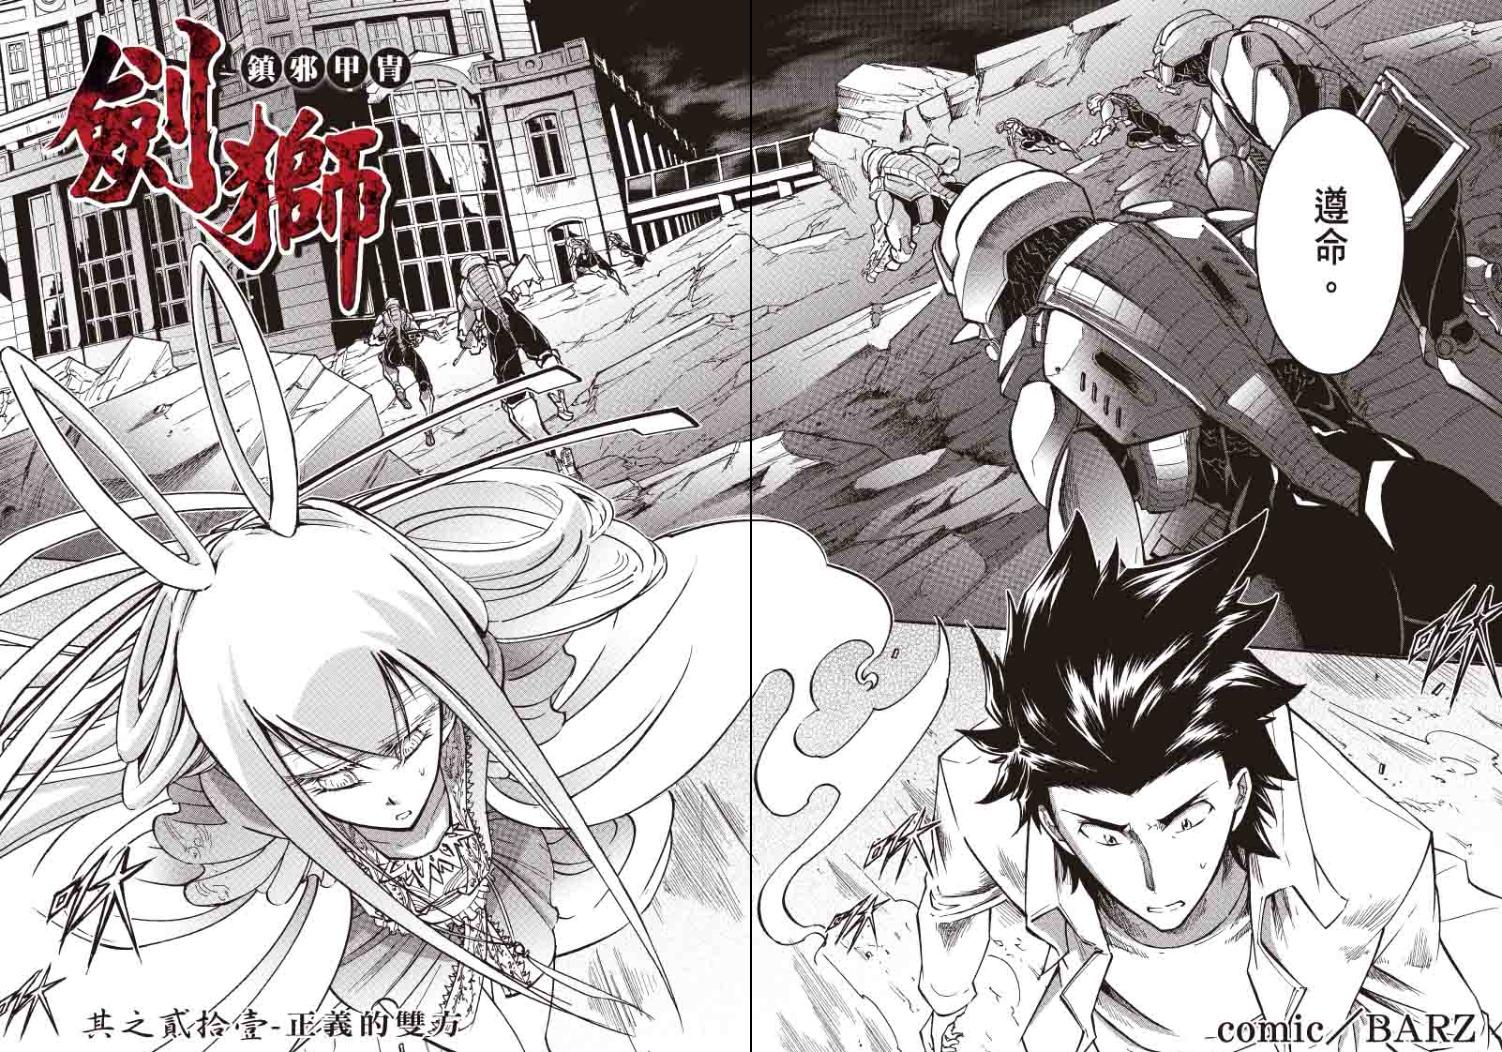 140102(1) - 台灣變身英雄《鎮邪甲冑 劍獅》第21回<正義的雙方>連載公開:久違的變身與不可避免的廝殺!